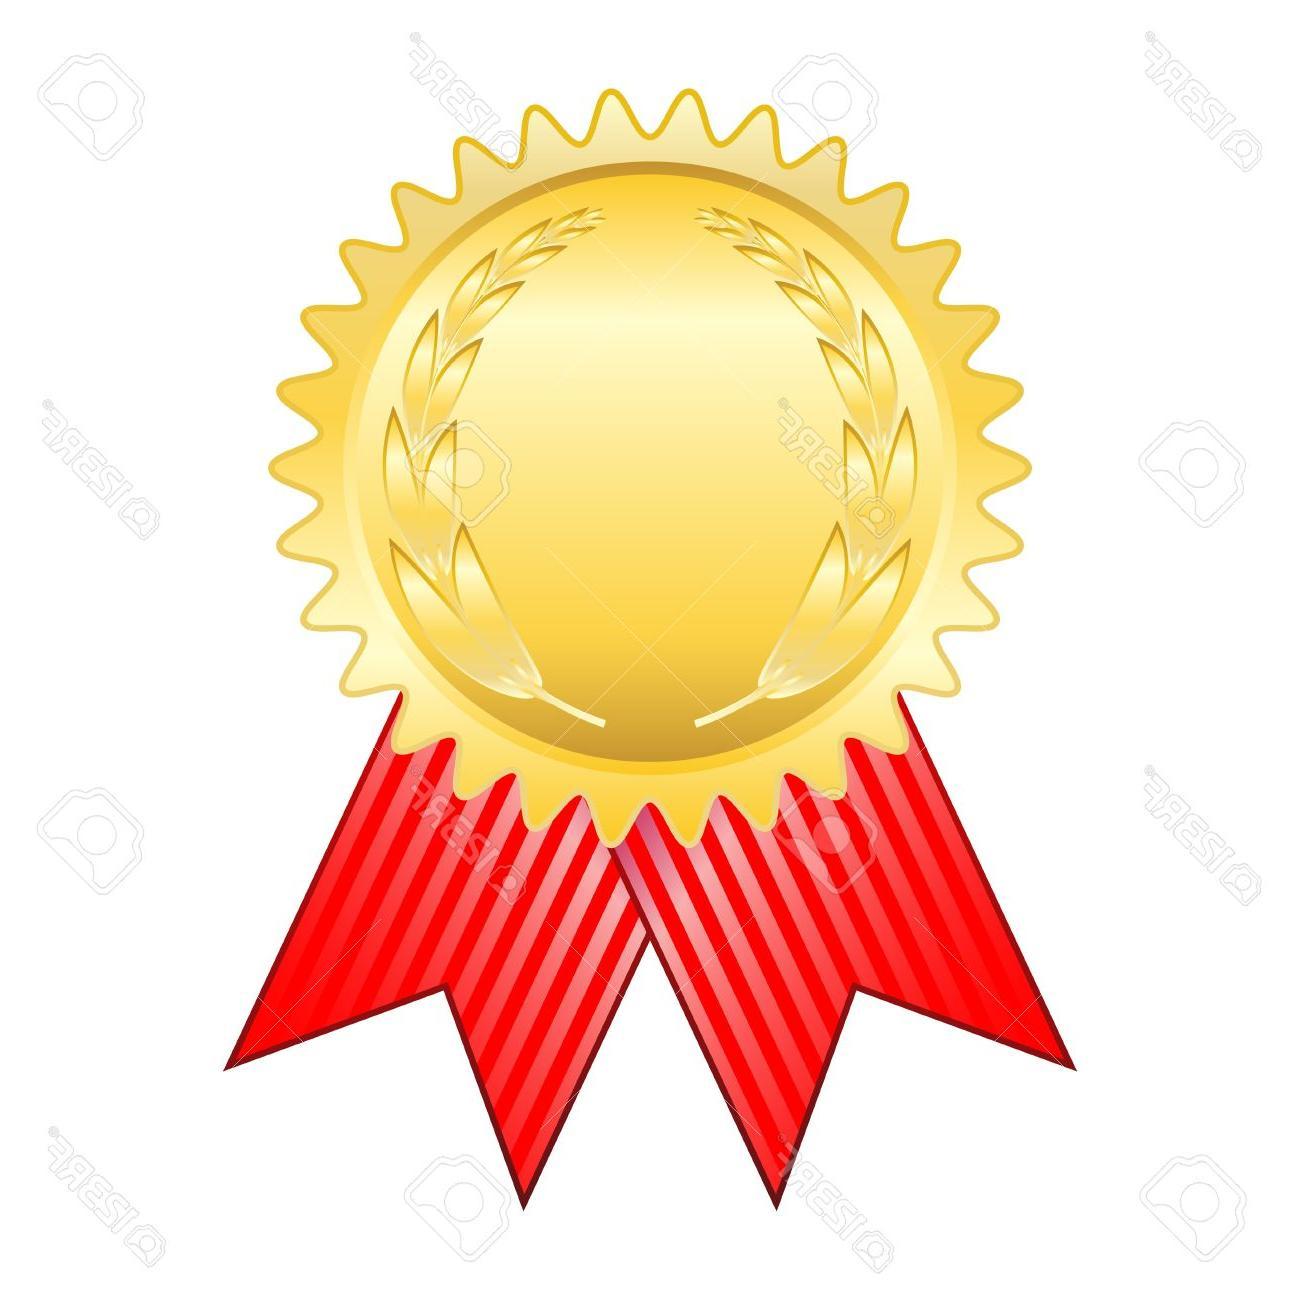 Award Ribbon Drawing At Getdrawings